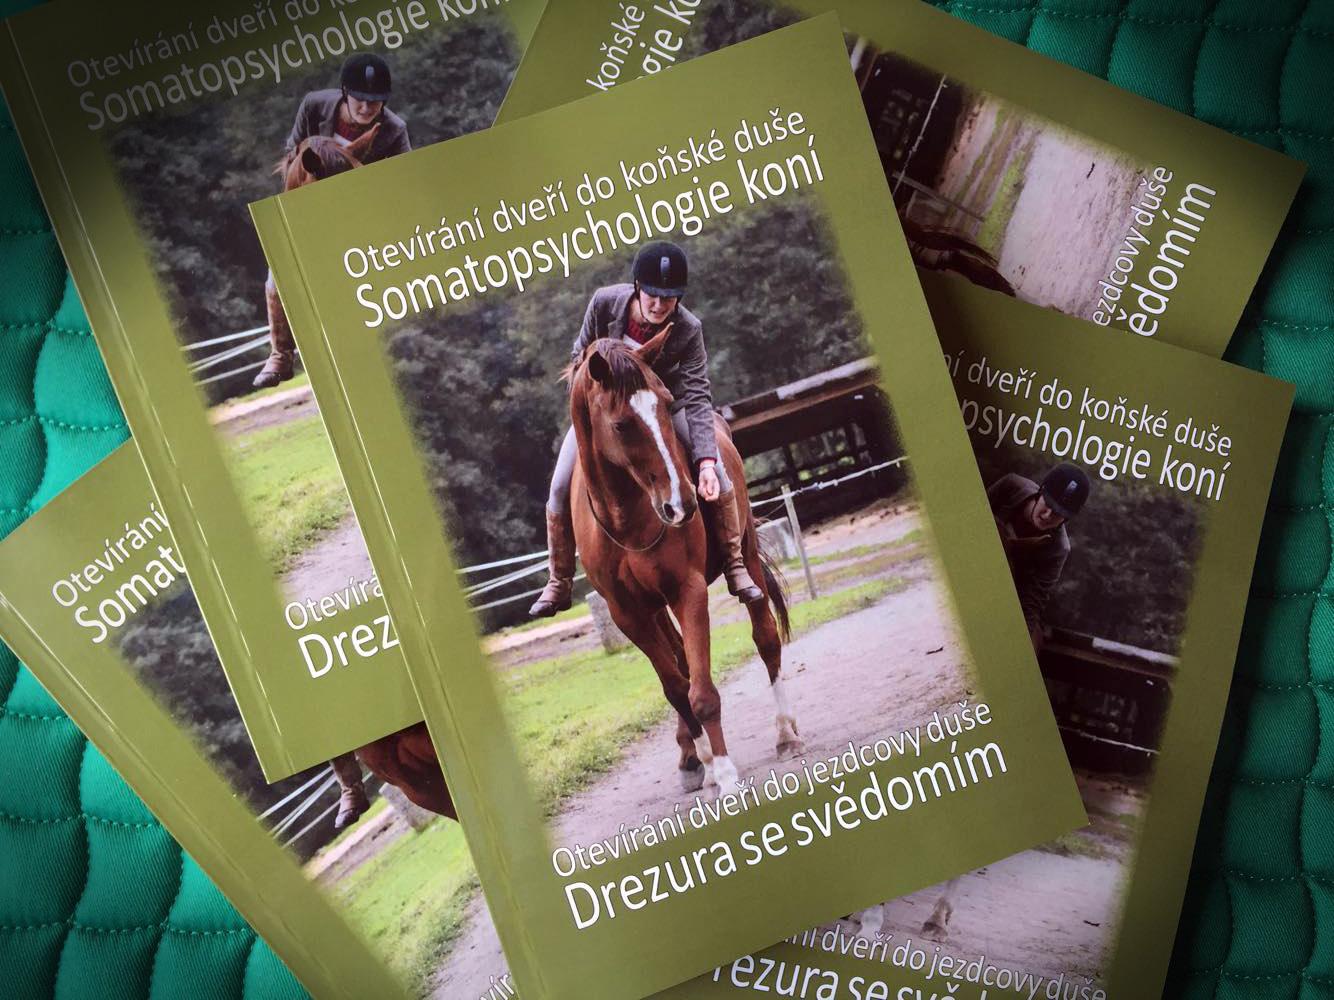 Somatopsychologie koní & Drezura se svědomím (Helena Enenkelová)